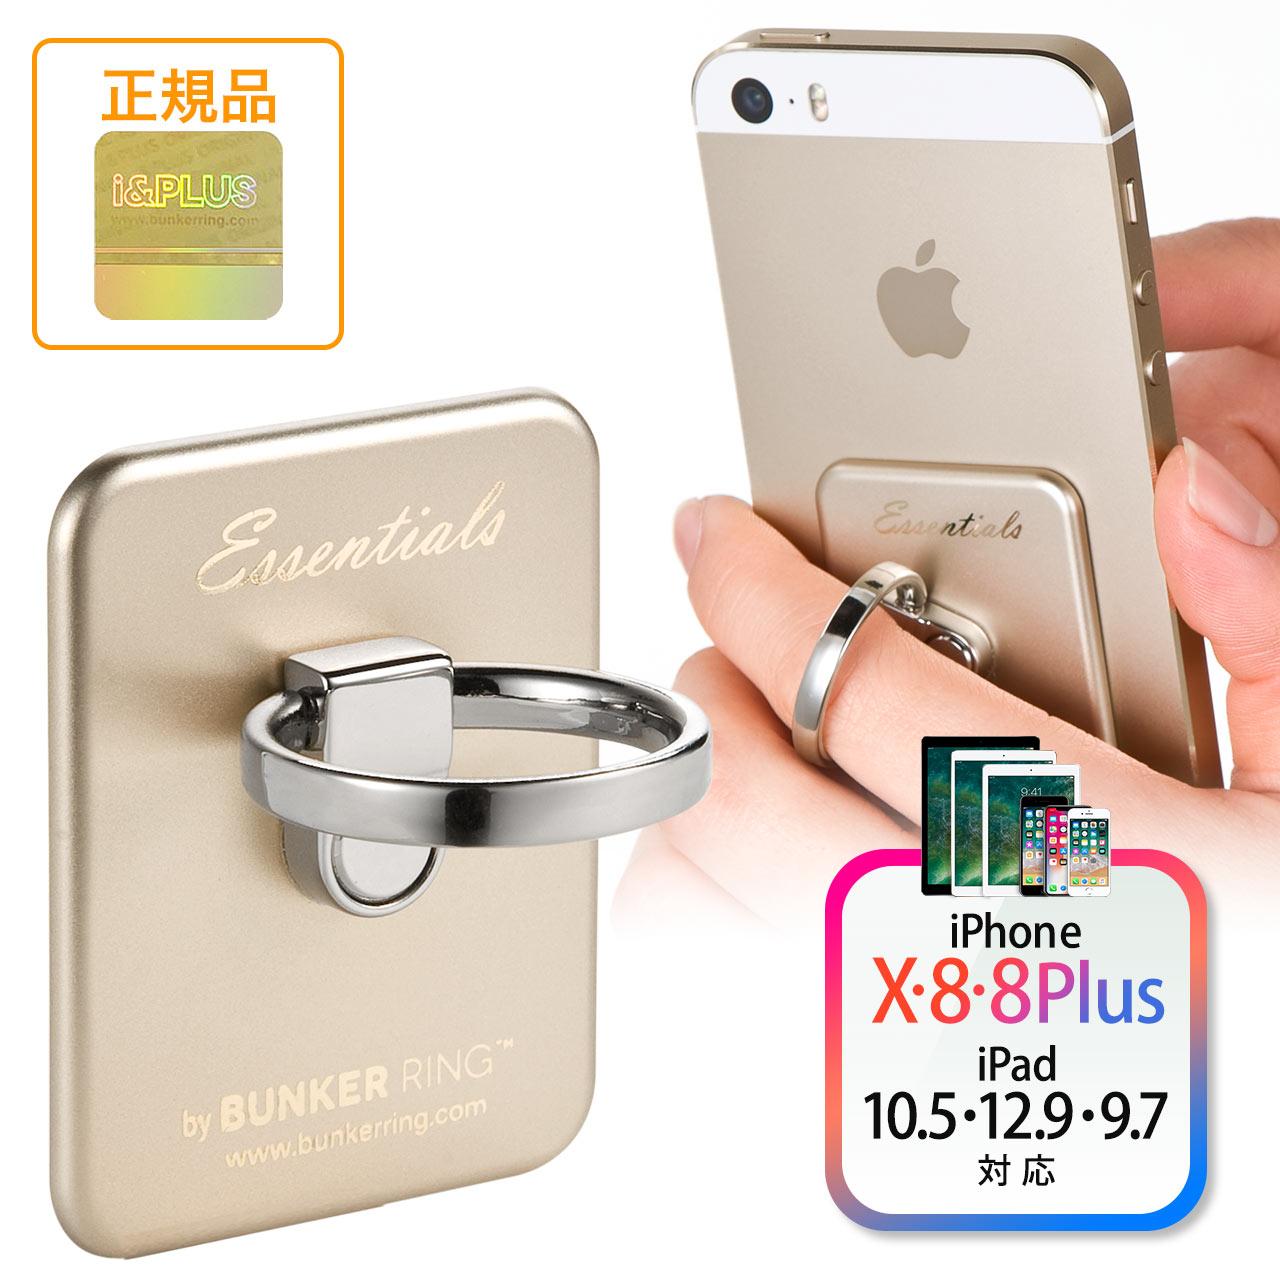 バンカーリング3(iPhone・iPad対応・Essential・正規品・ゴールド)【ネコポス送料無料】 サンワダイレクト サンワサプライ 200-IPP017GD